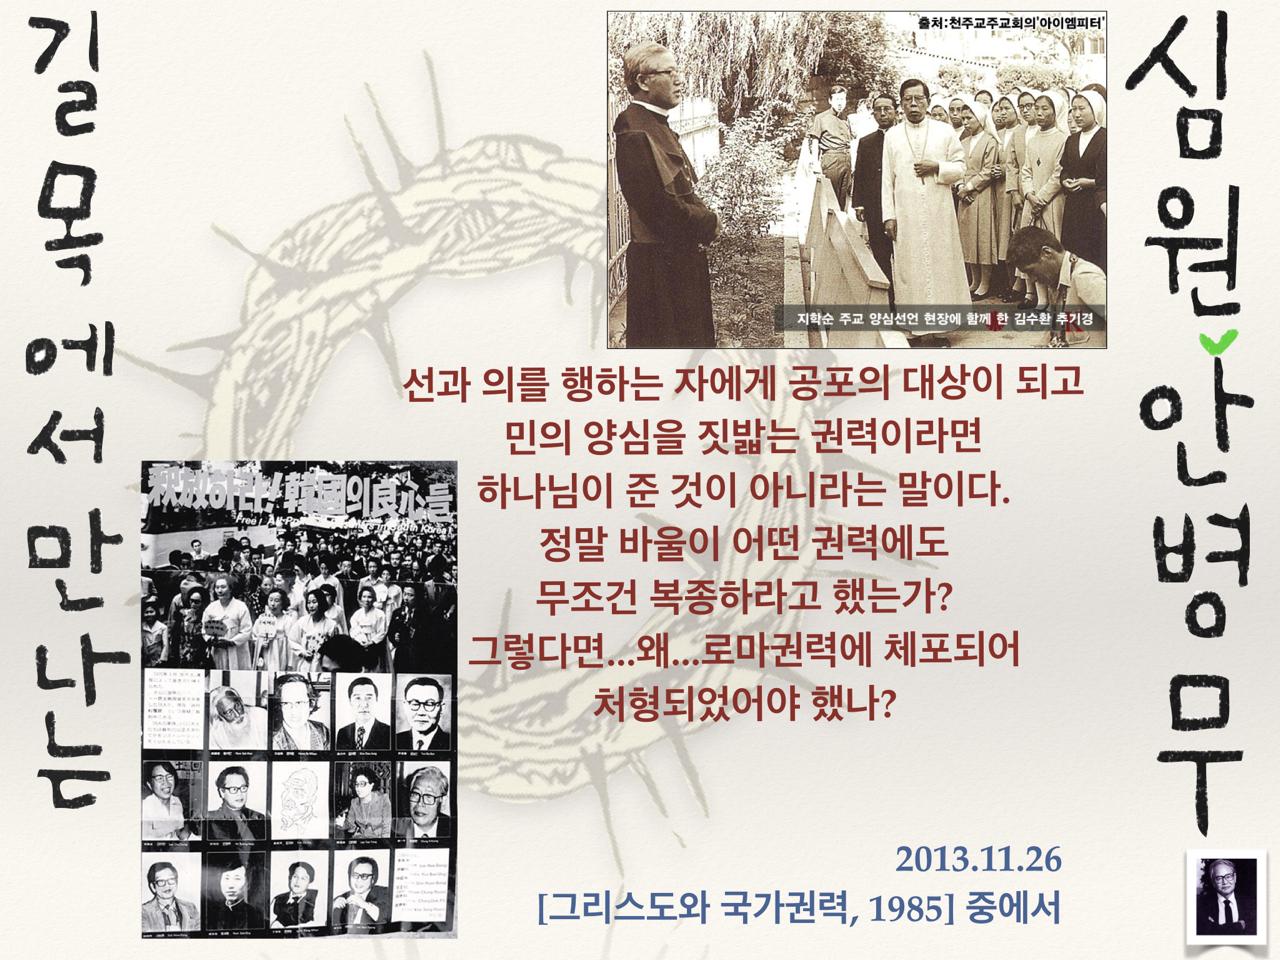 길목에서 만나는심원안병무- 2013-11-26.PNG